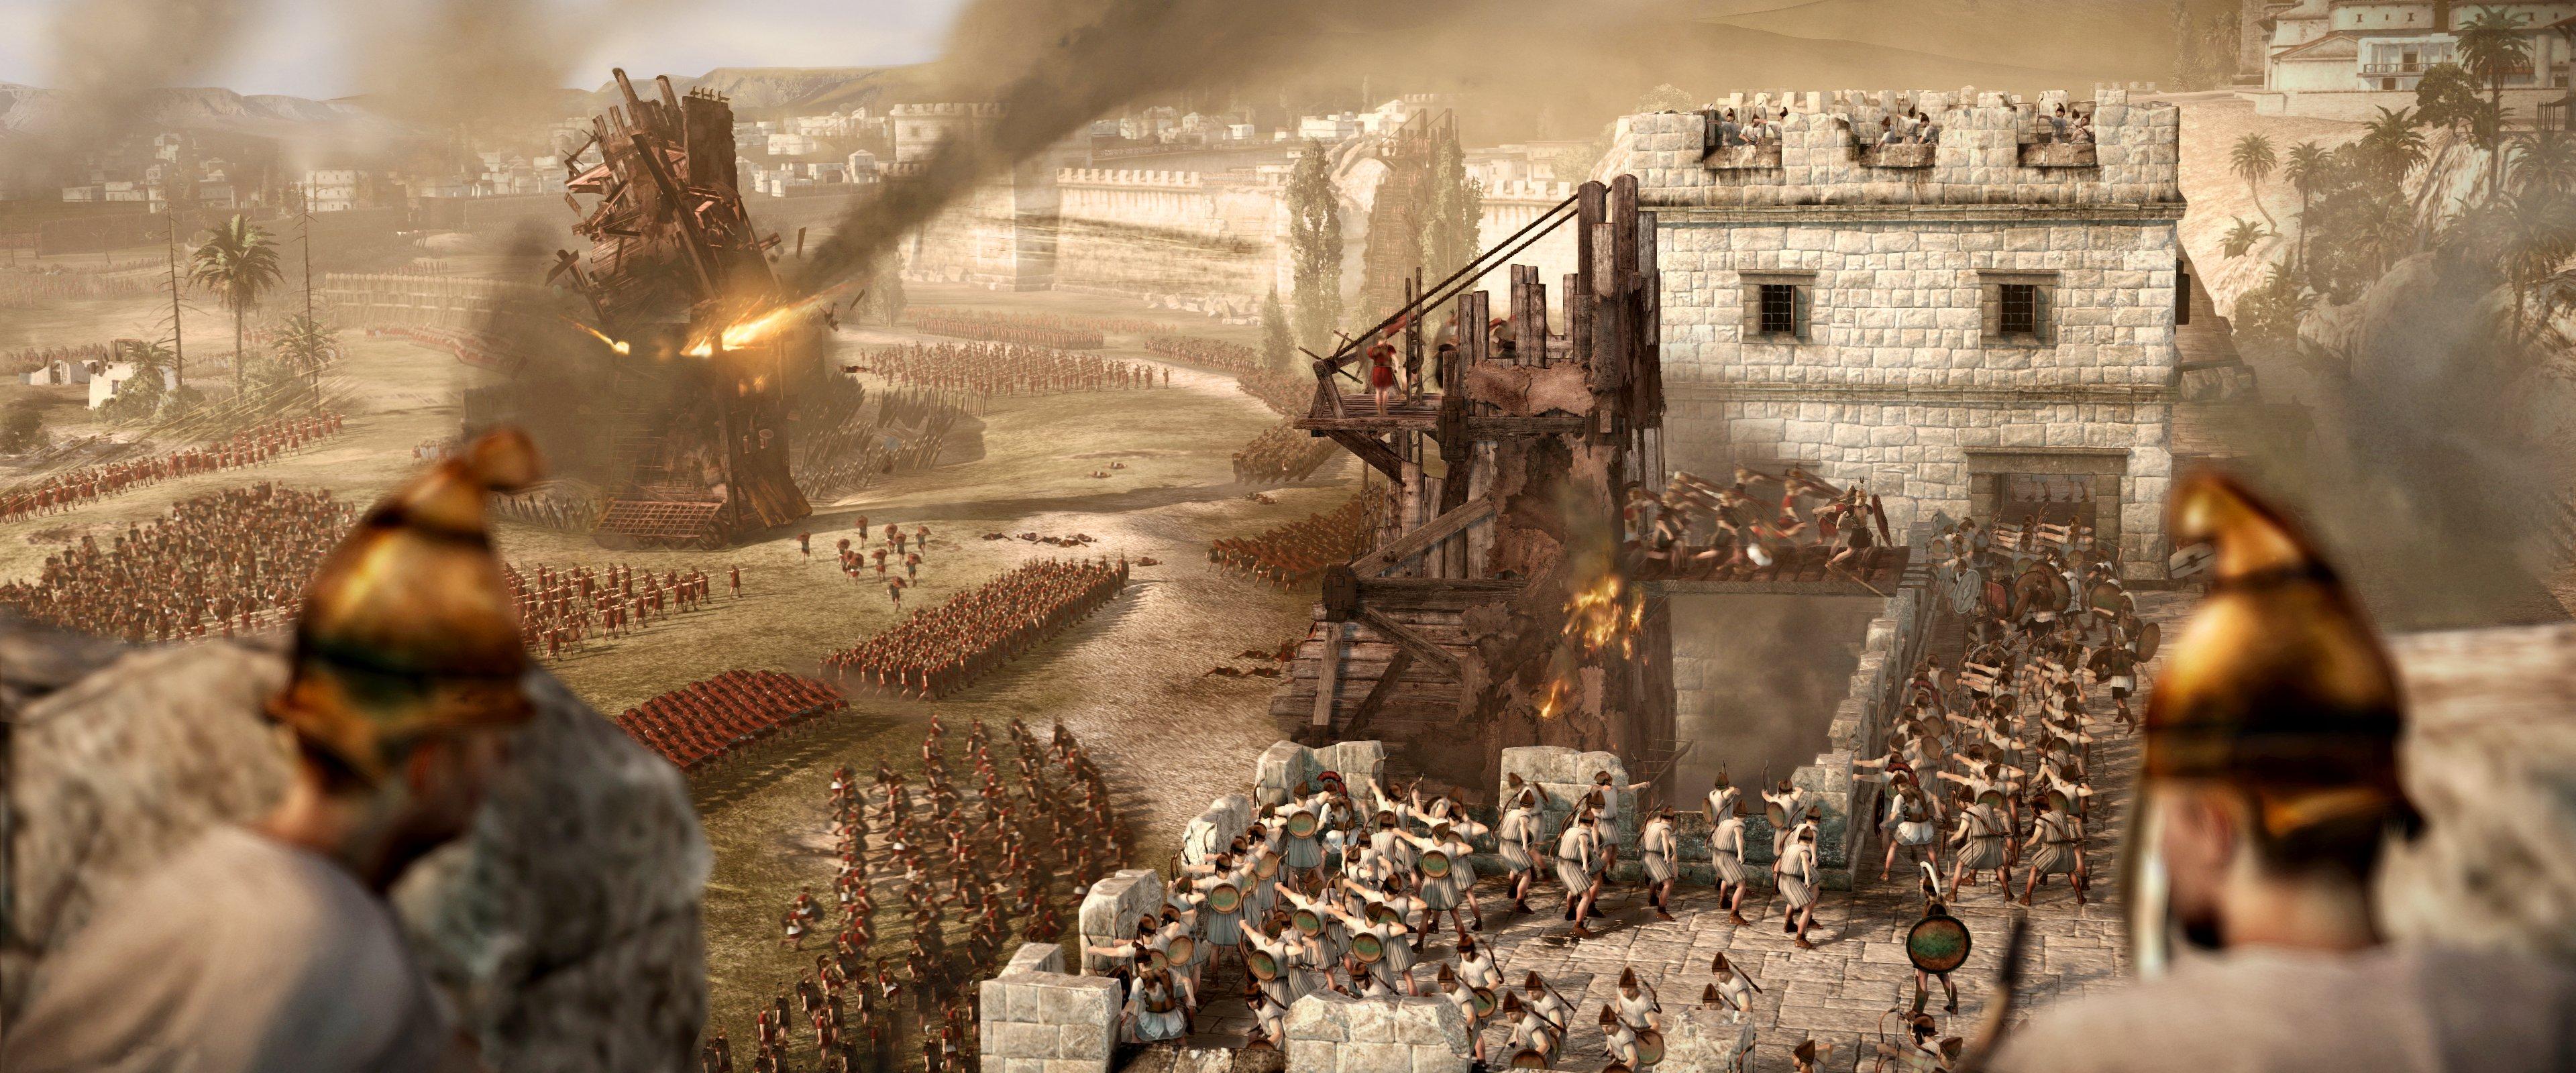 Total War Rome II Computer Wallpapers Desktop Backgrounds 3840x1600